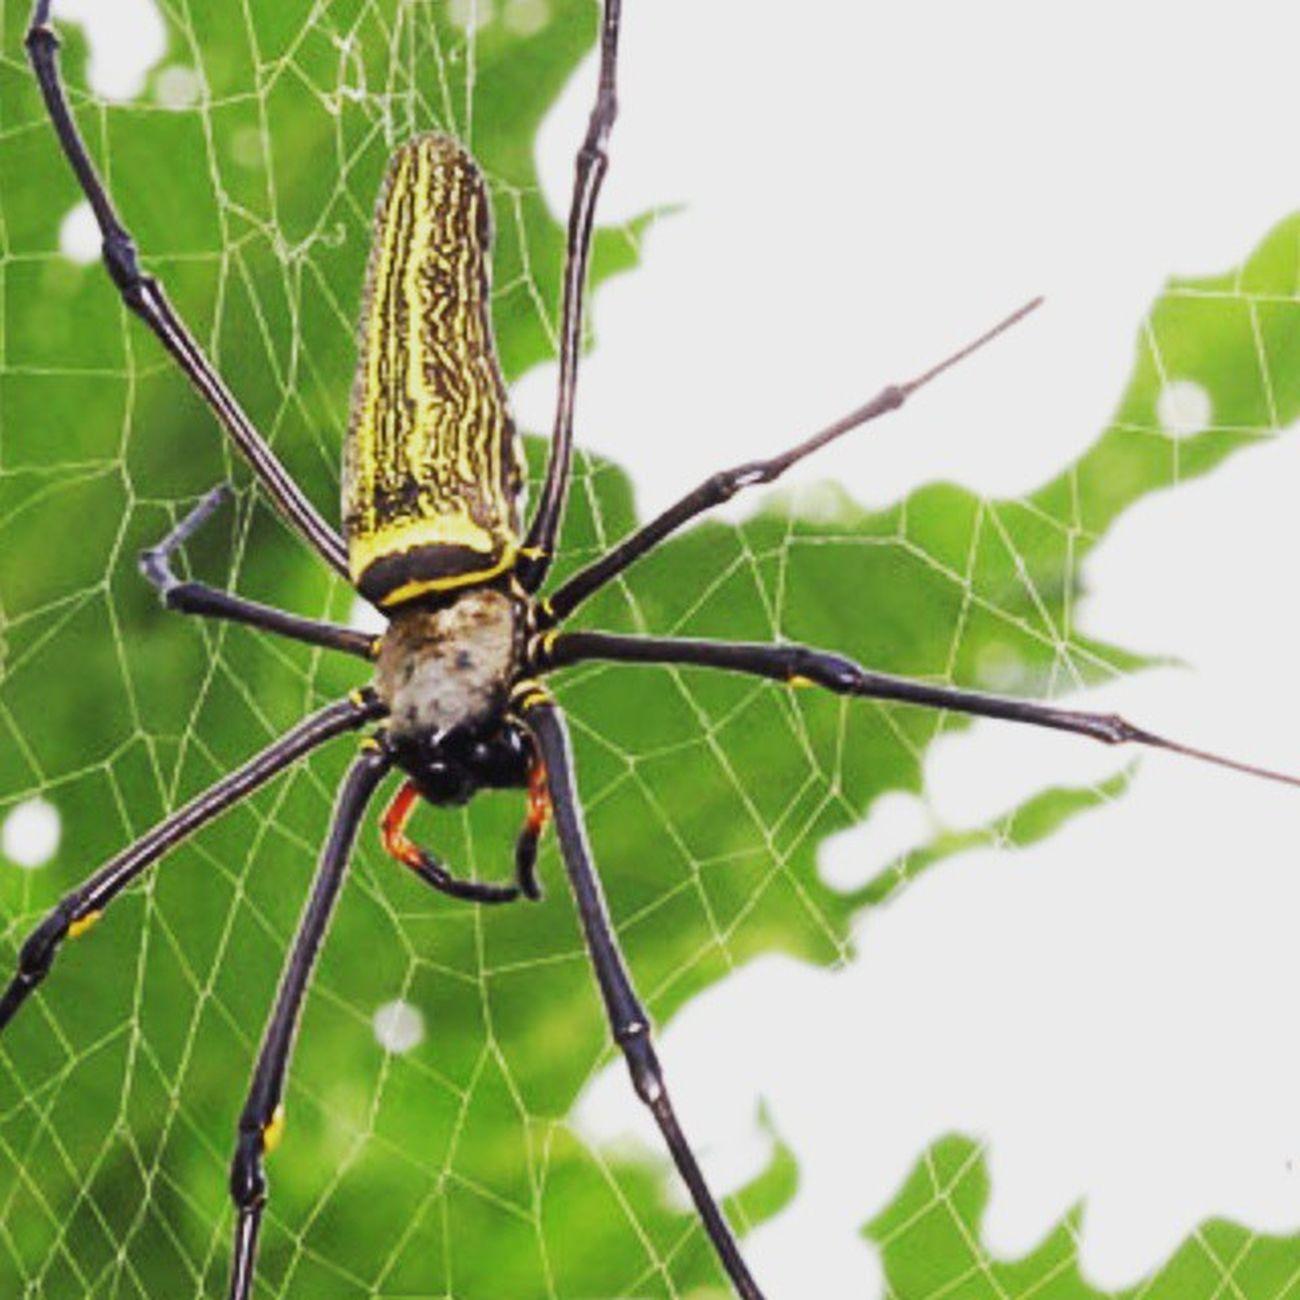 Lancah maung part 2. Spider Spiderworld Ig_spiders Ig_spider labalaba lancahmaung lancah